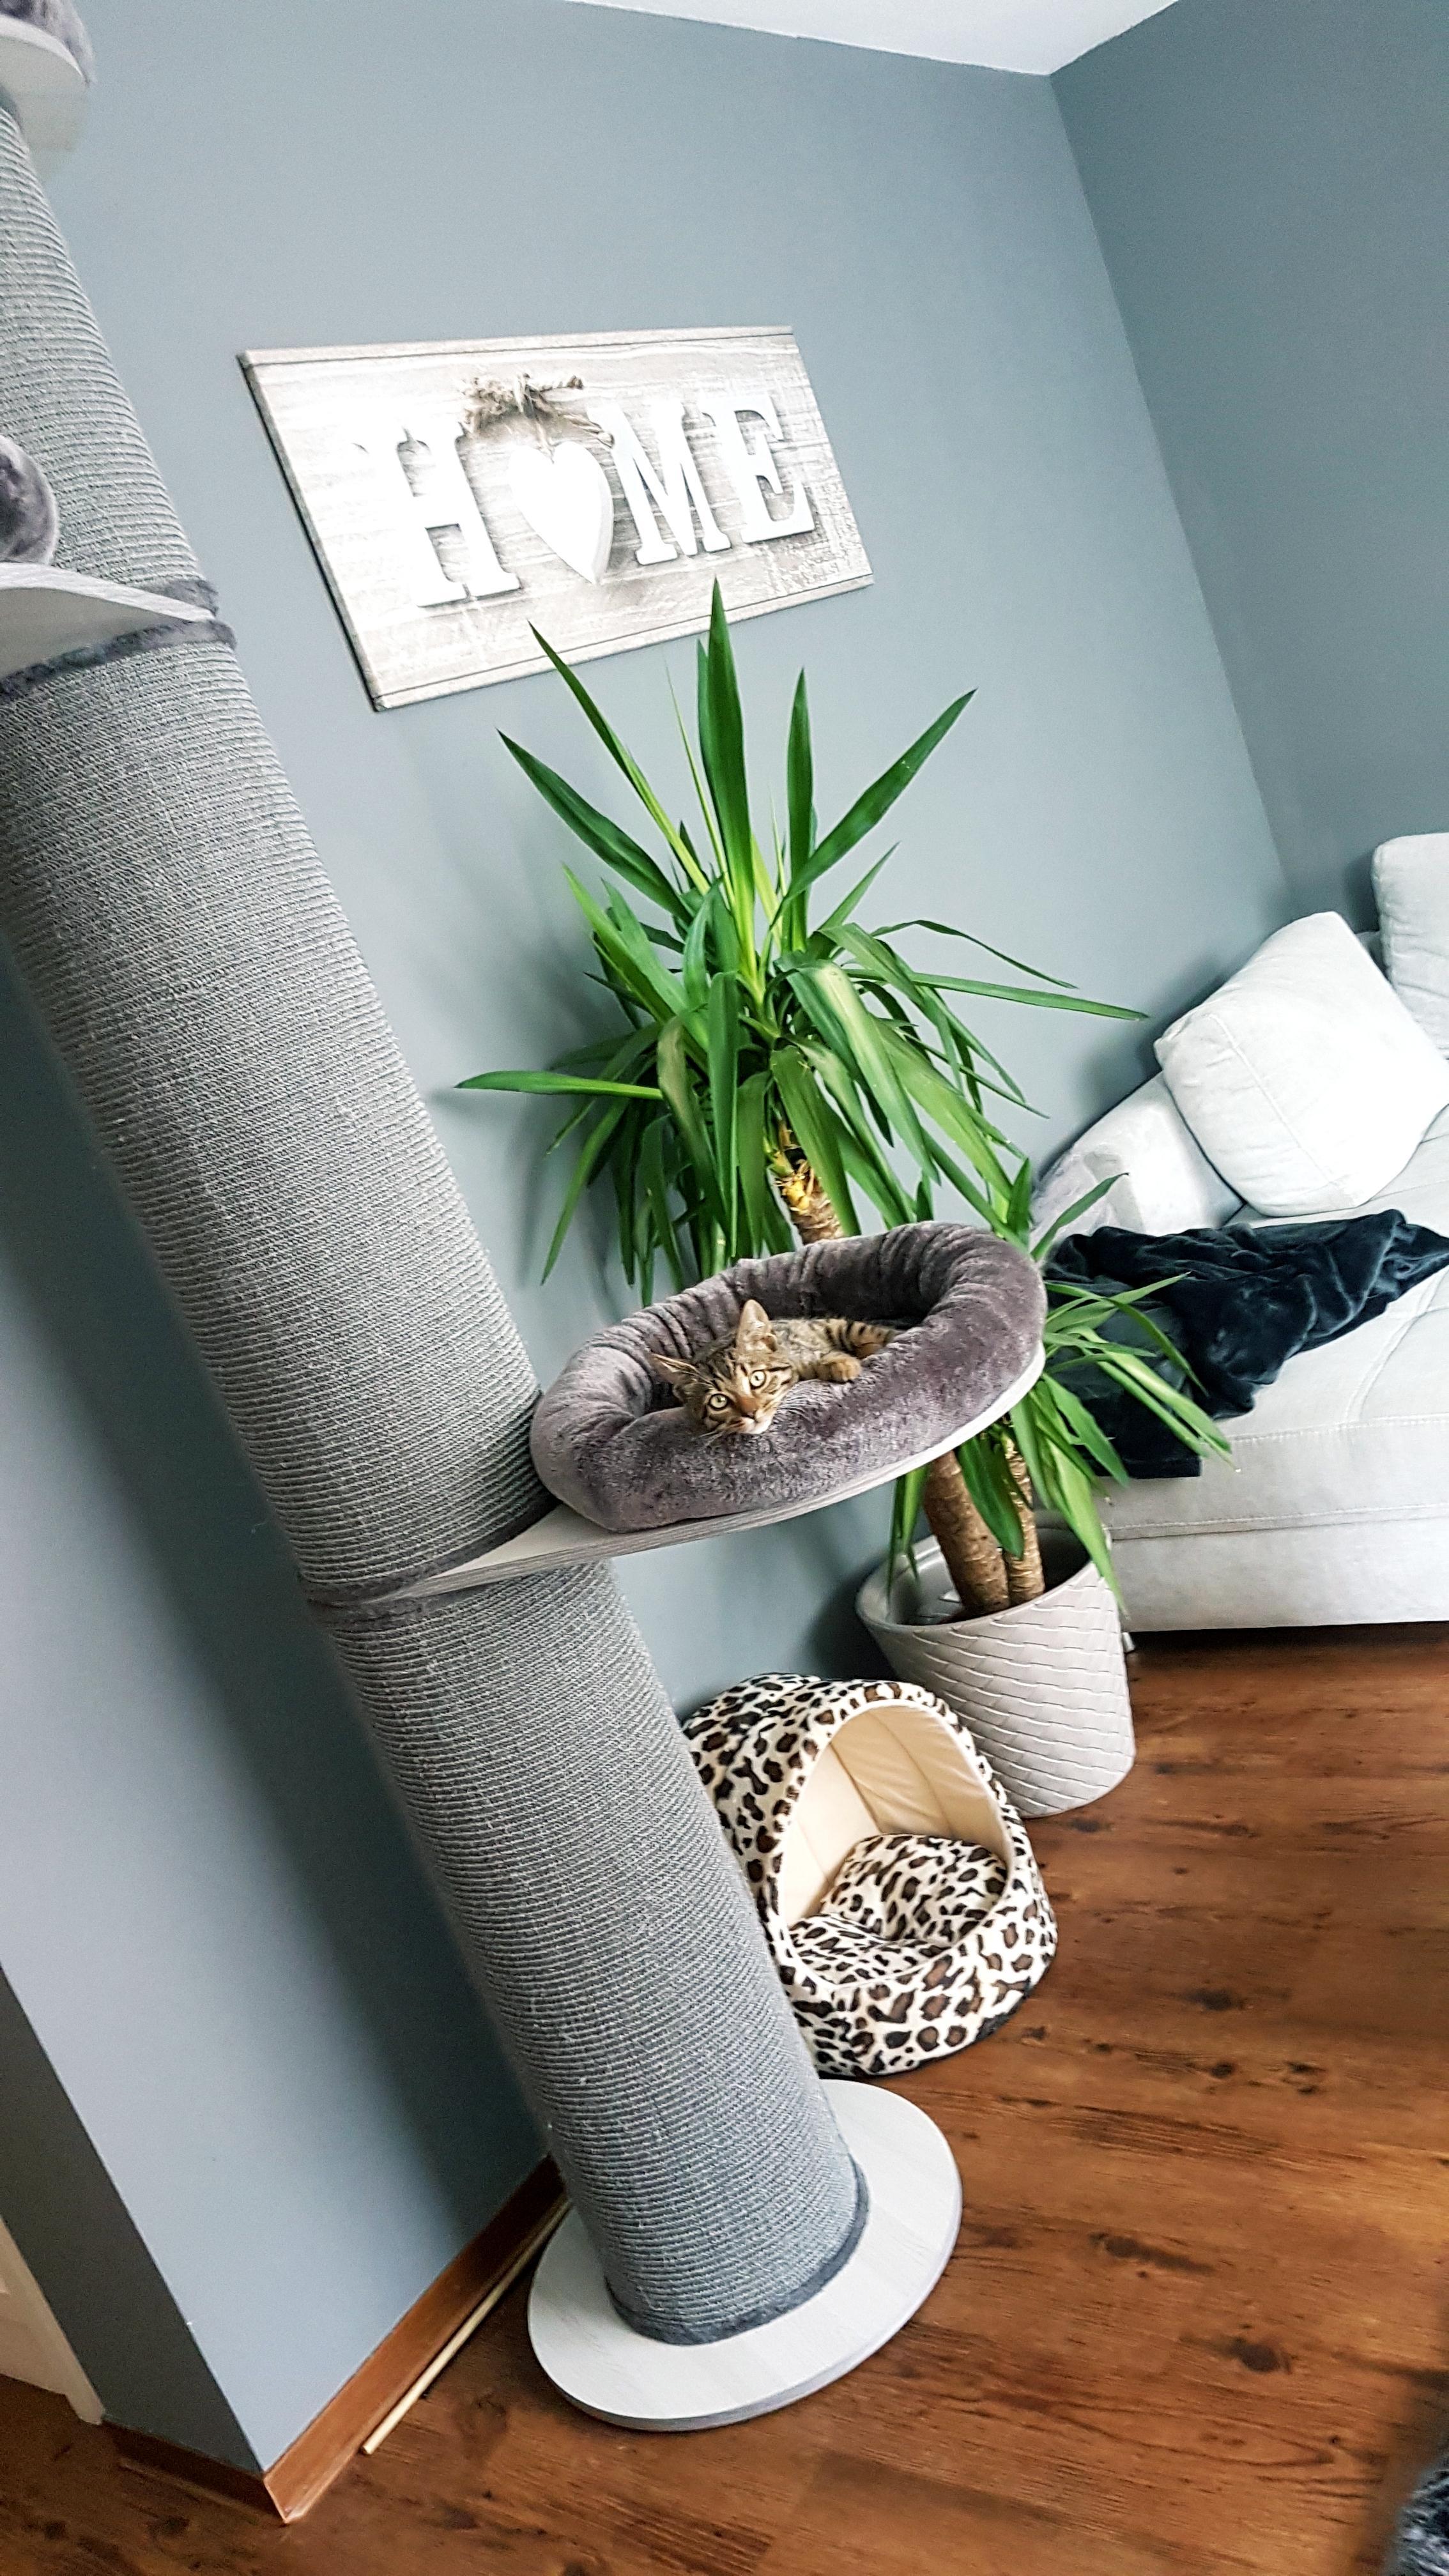 Wenn Der Kleine Sich Sogar Wohlfühlt😍#couchliebt #kratzbaum #deko #möbel #